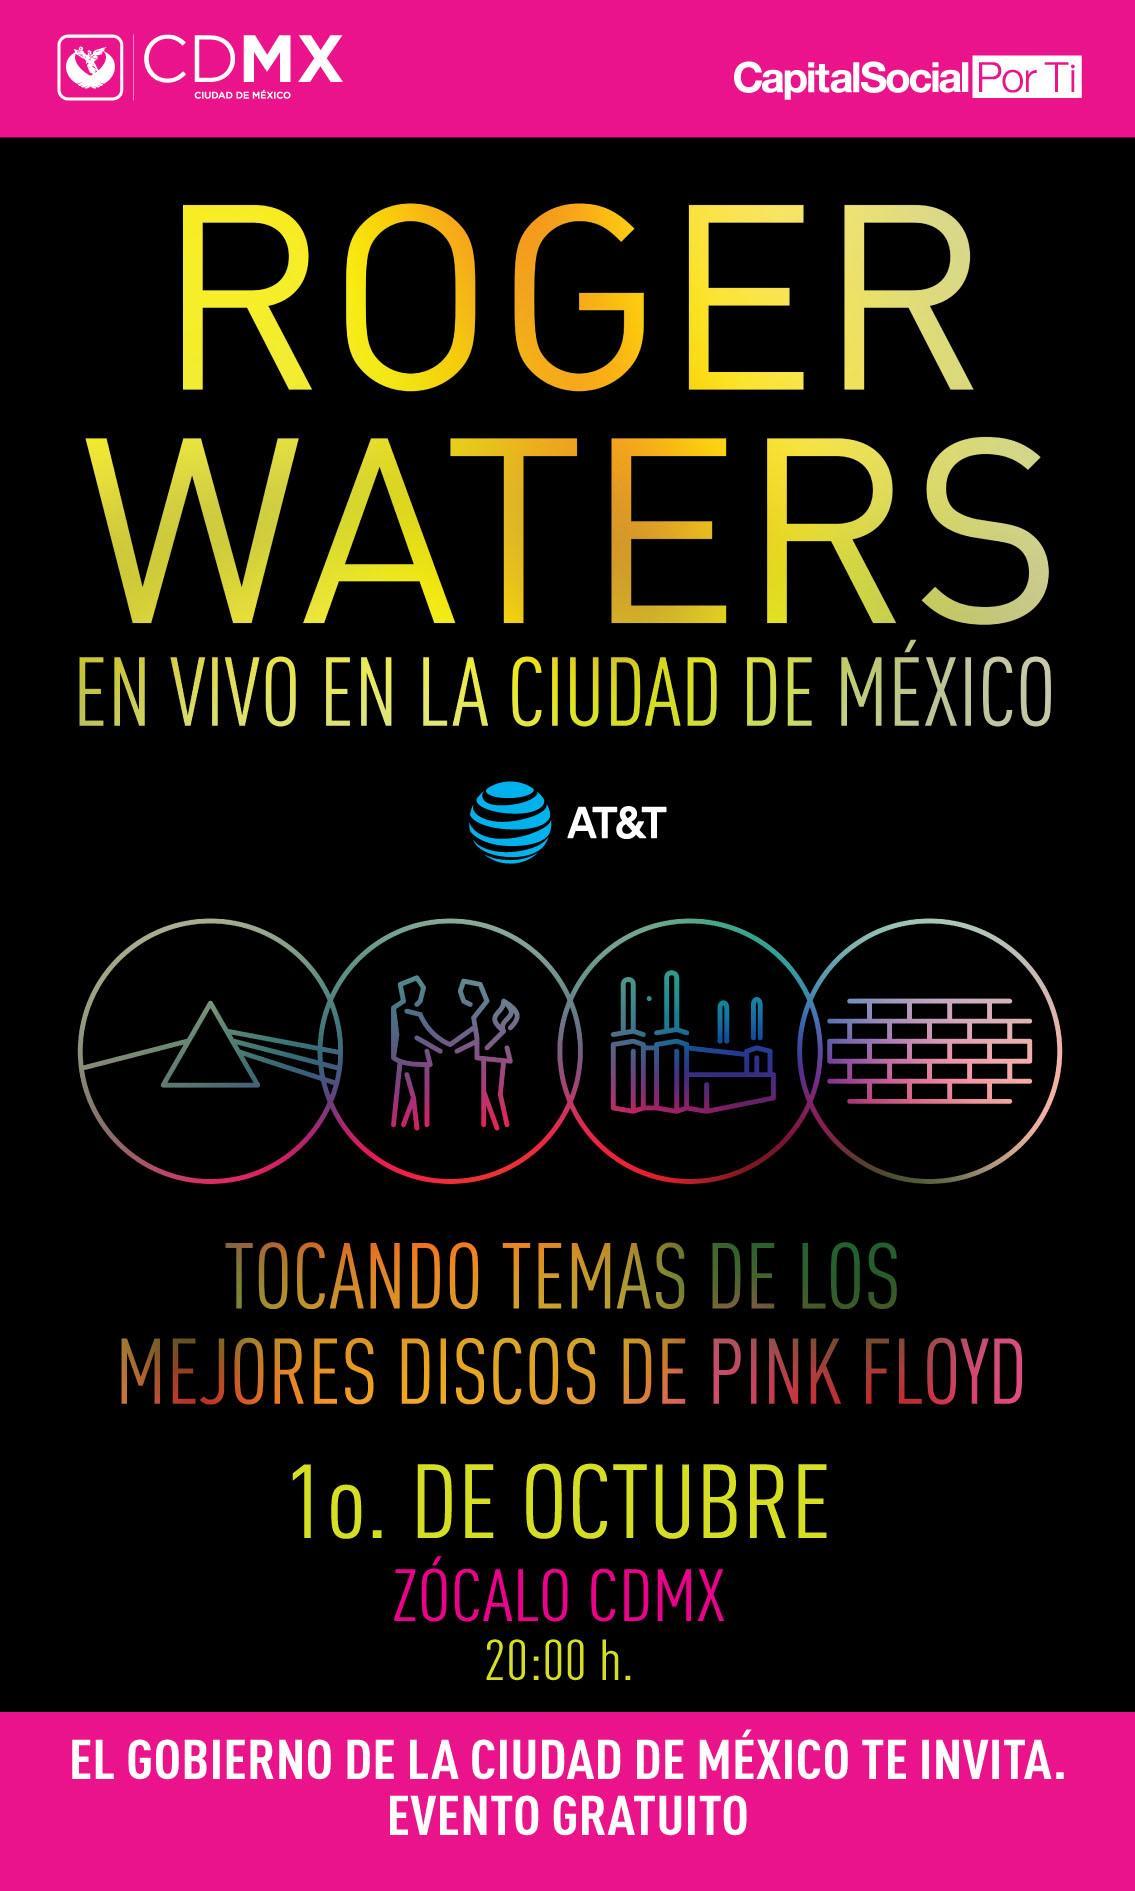 Roger Waters en el Zócalo de la CDMX